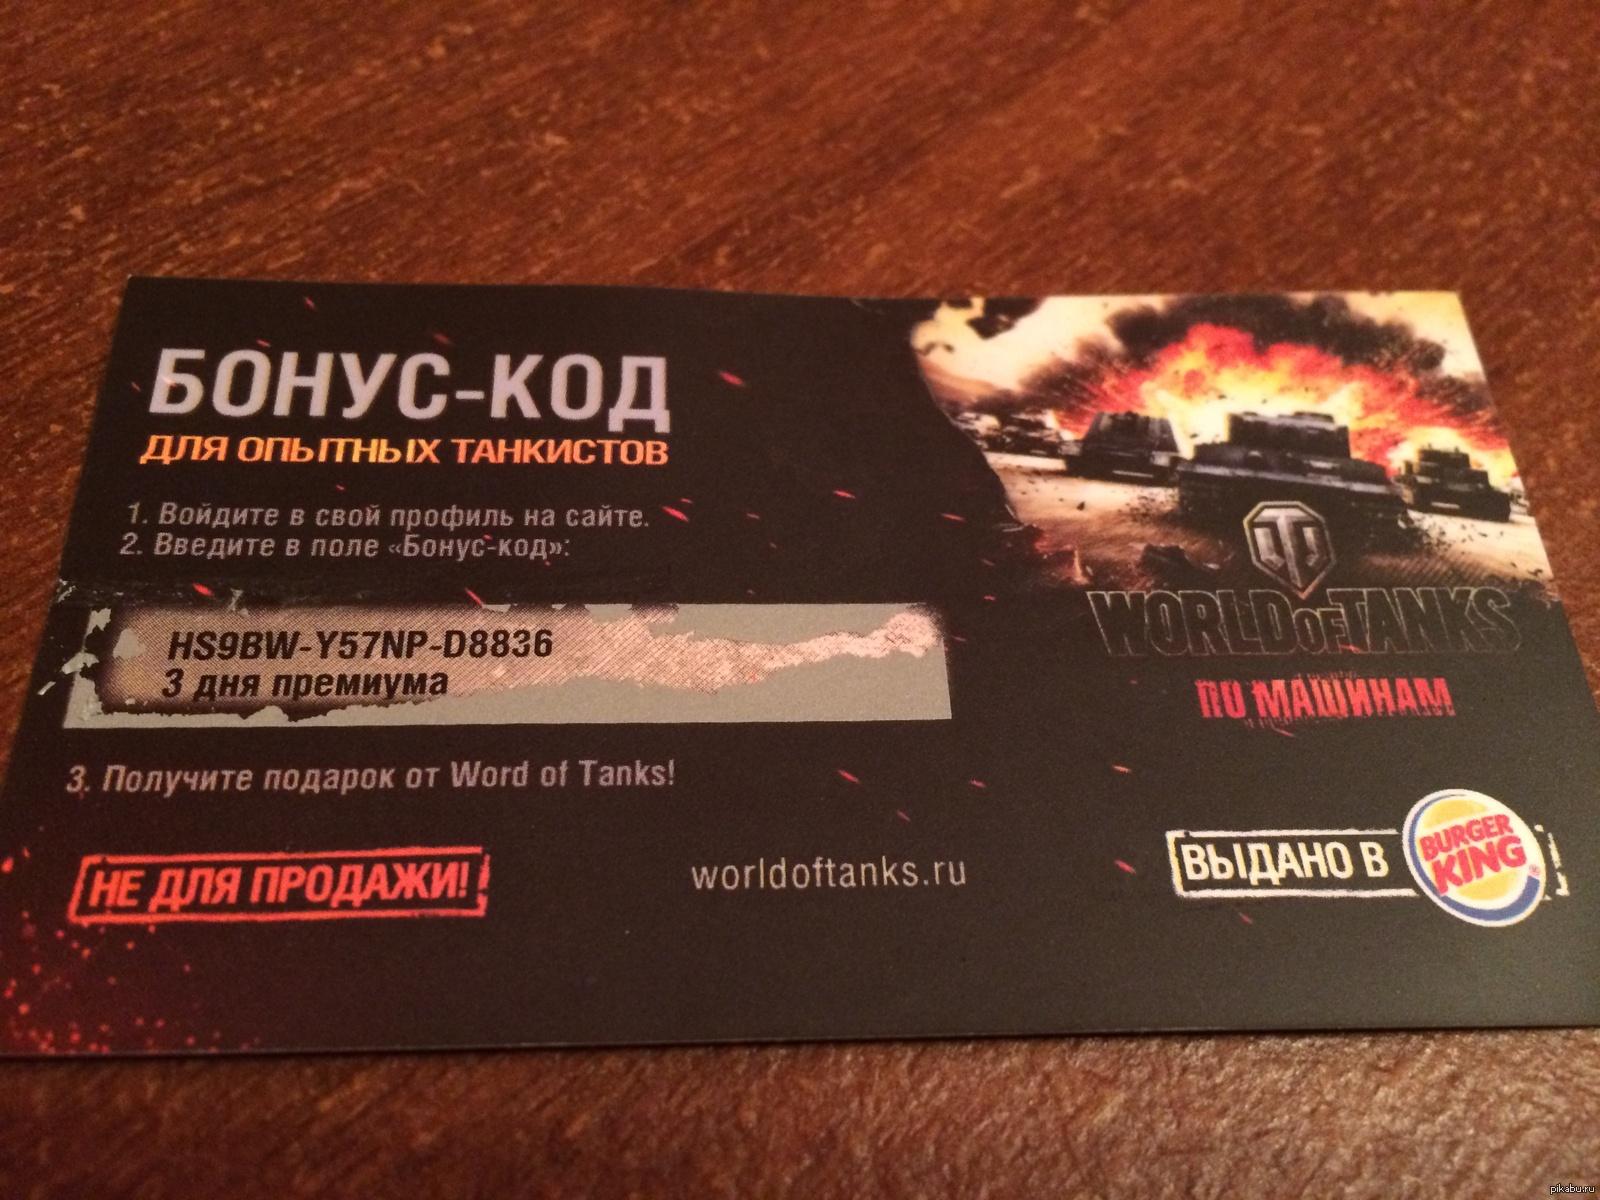 world of tank invite code Inviviewco